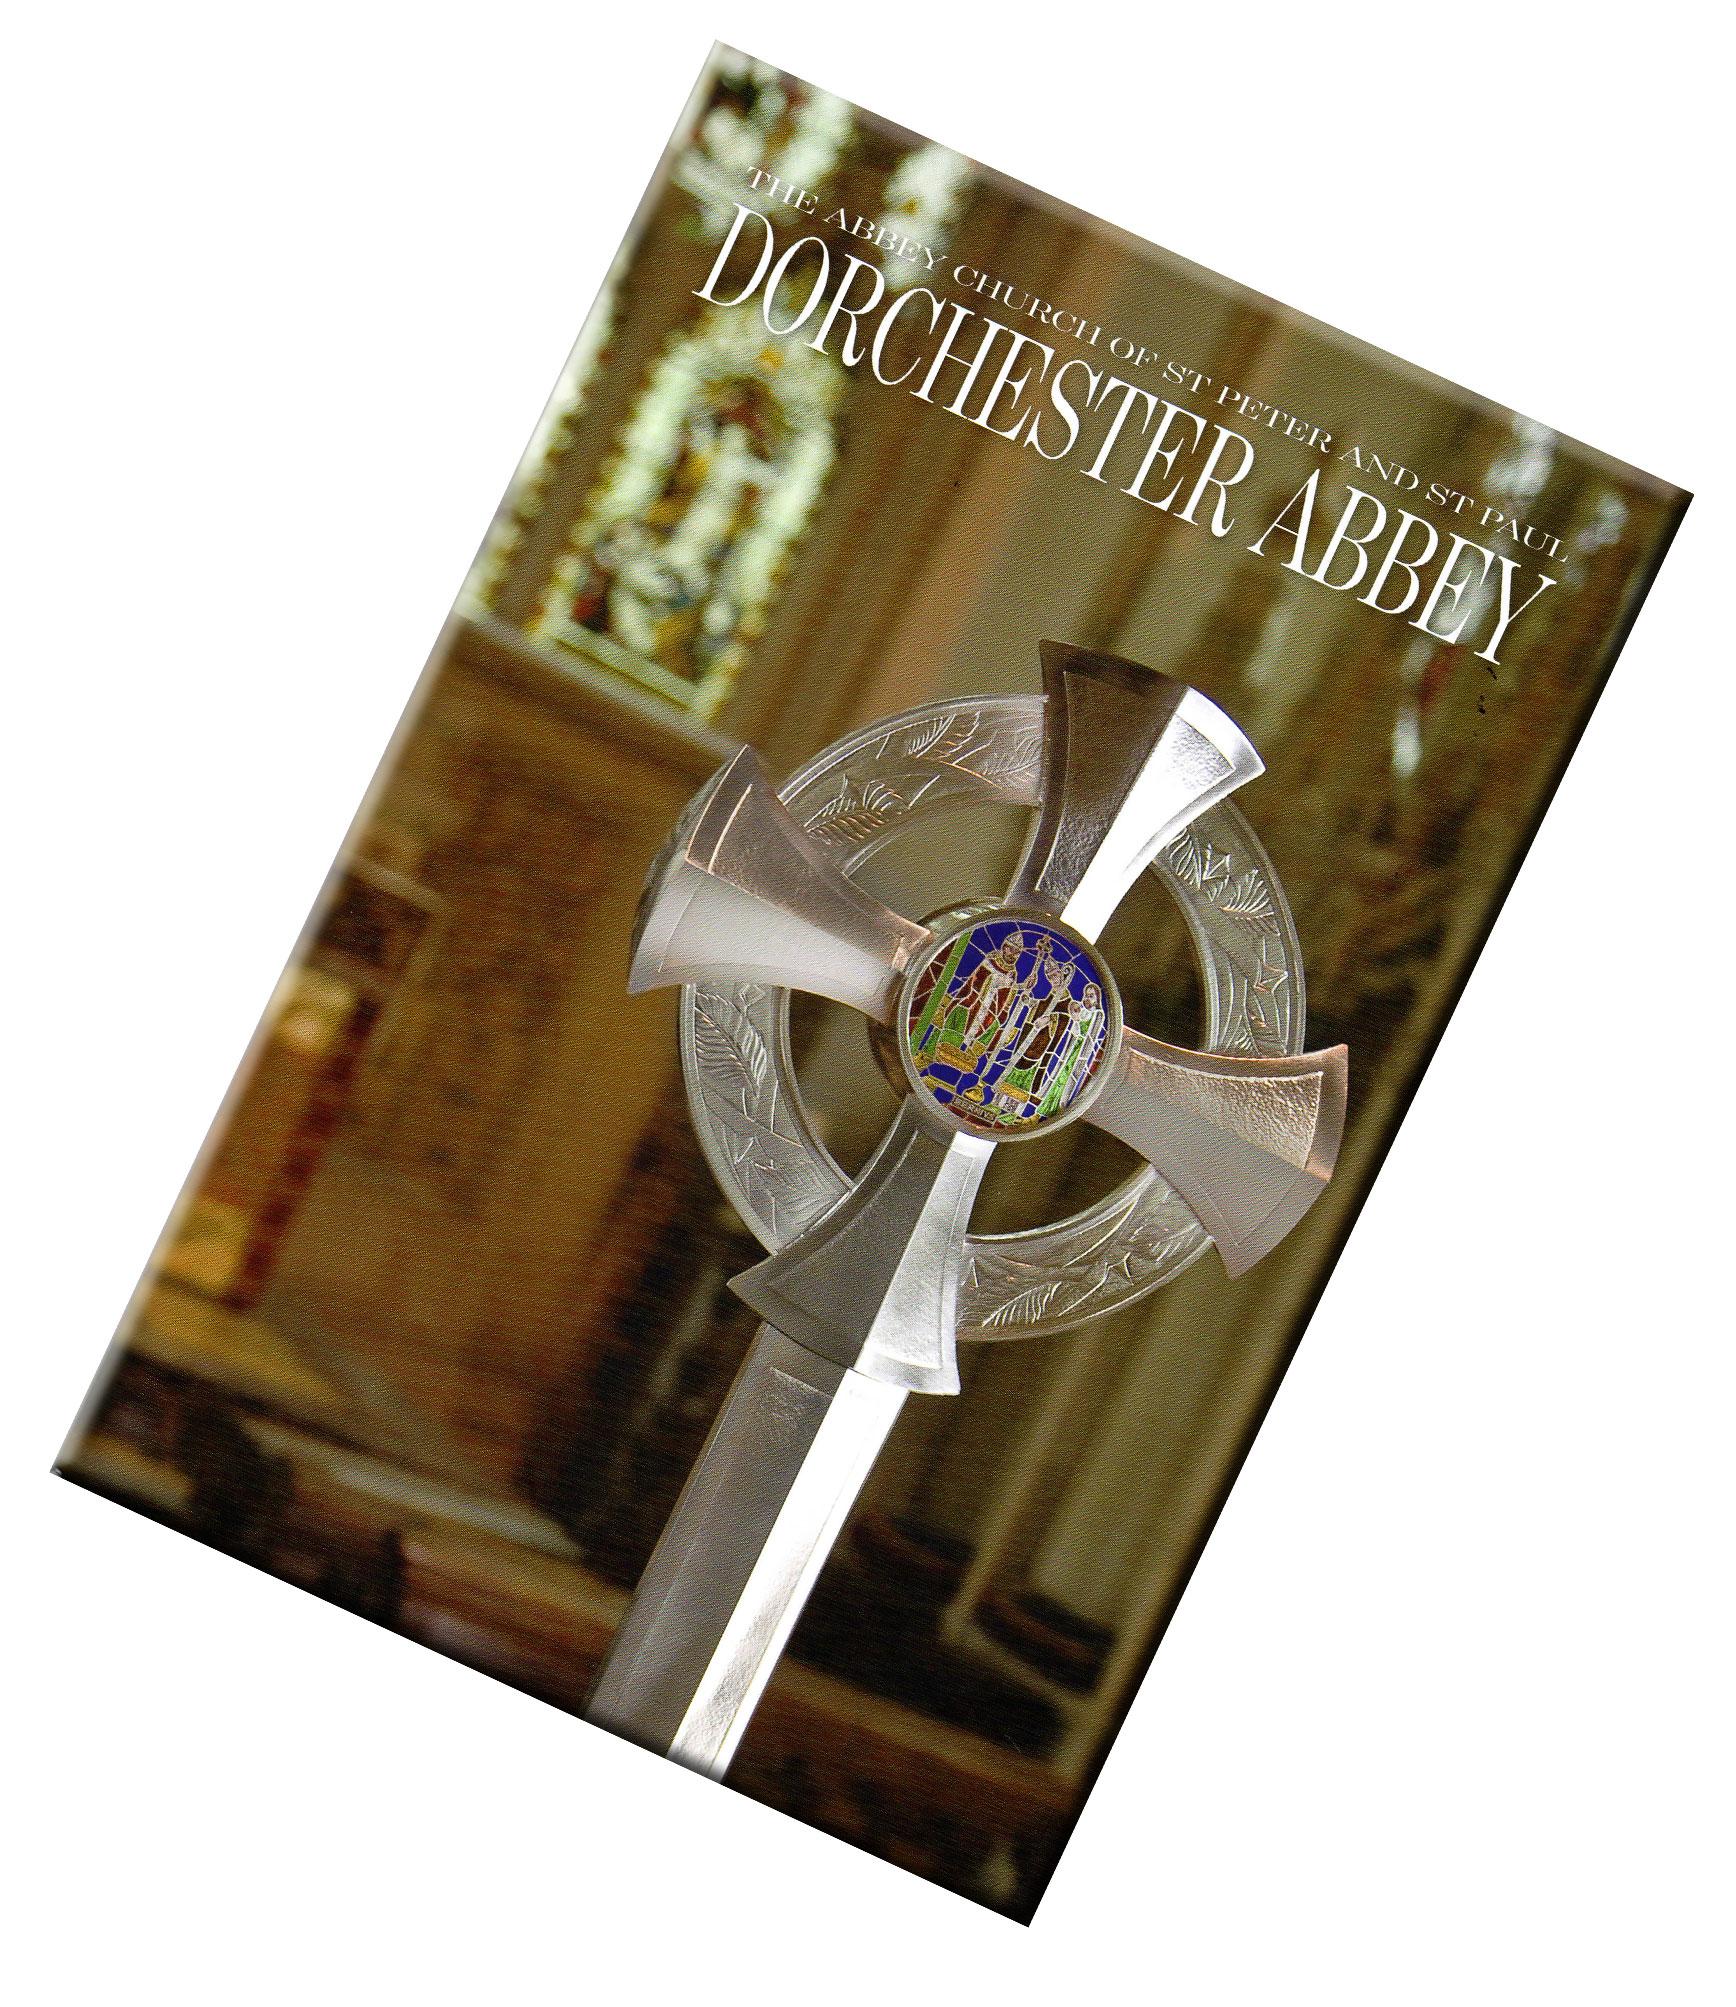 Dorchester Abbey guide book